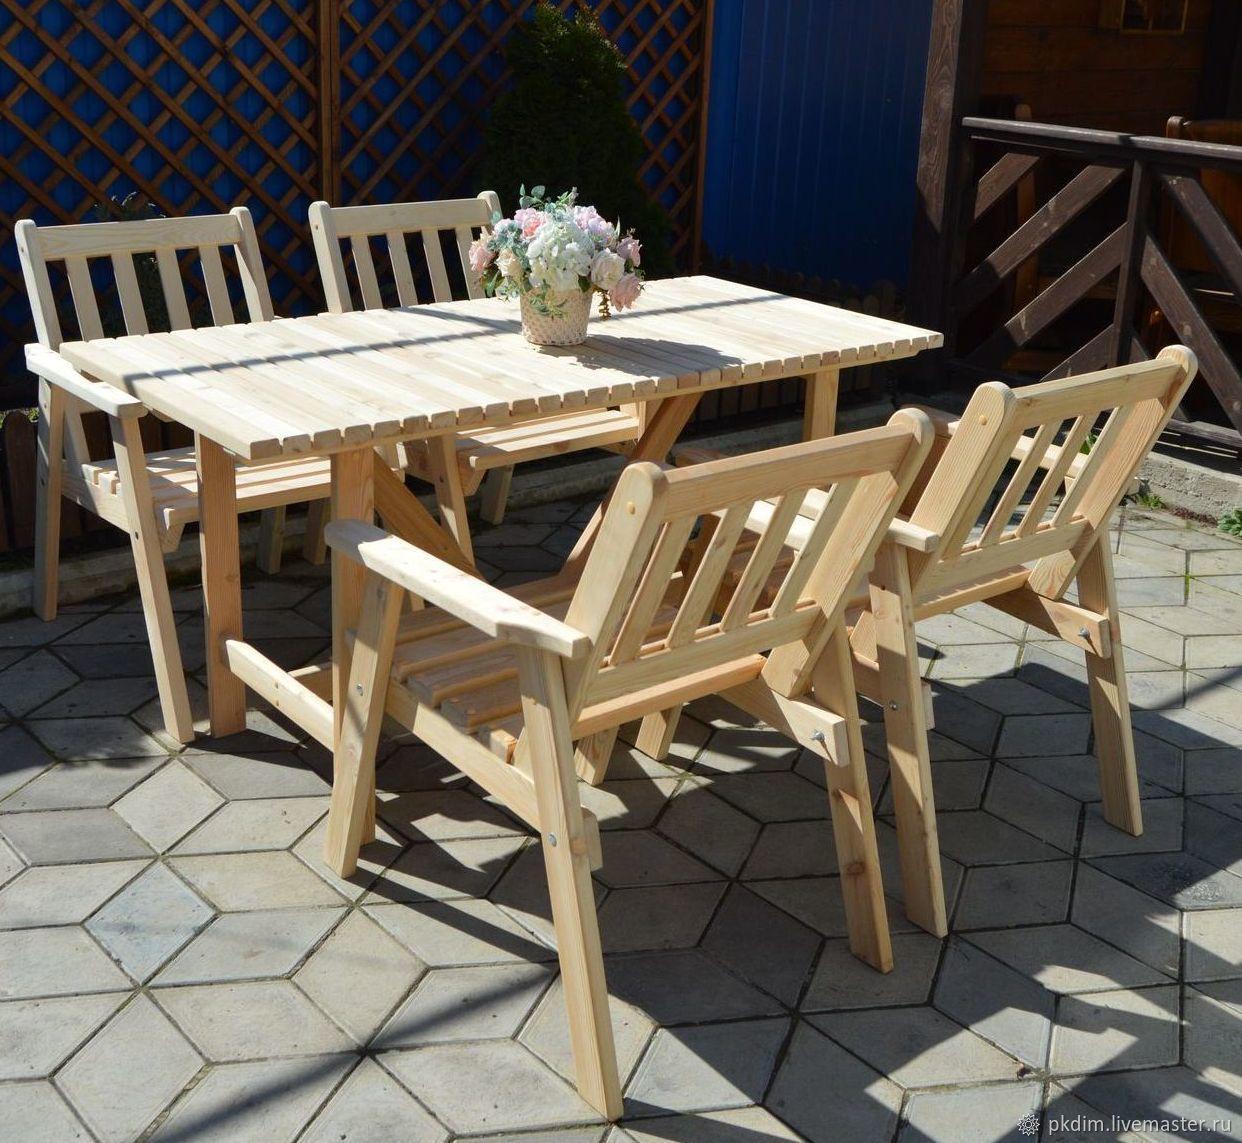 фото стульев для кафе из дерева одним